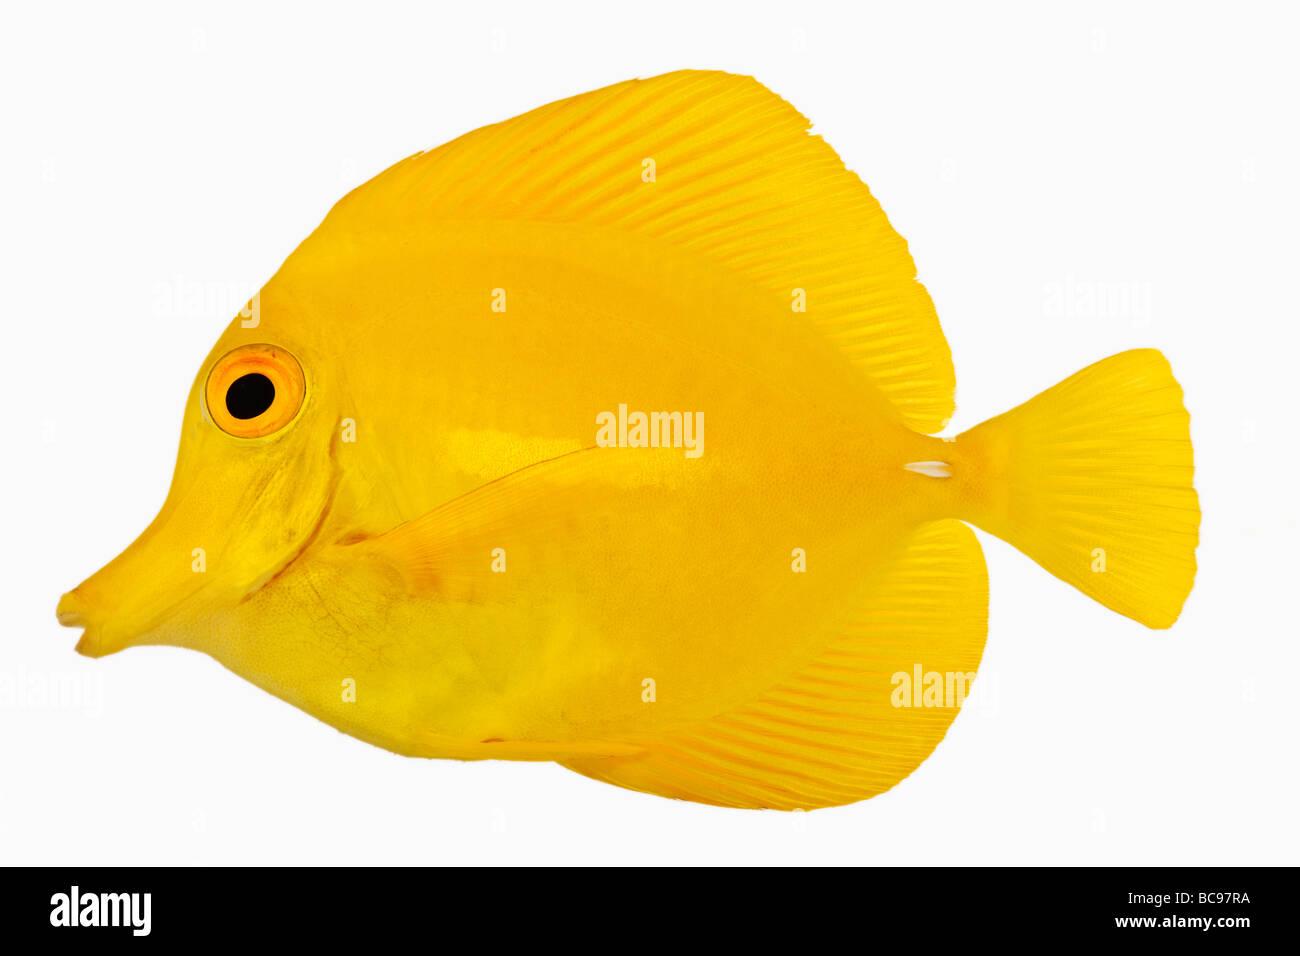 Yellow tang fish Zebrasoma flavescens Also known as Yellow Hawaiian Tang Yellow Sailfin Tang or Yellow Surgeonfish - Stock Image